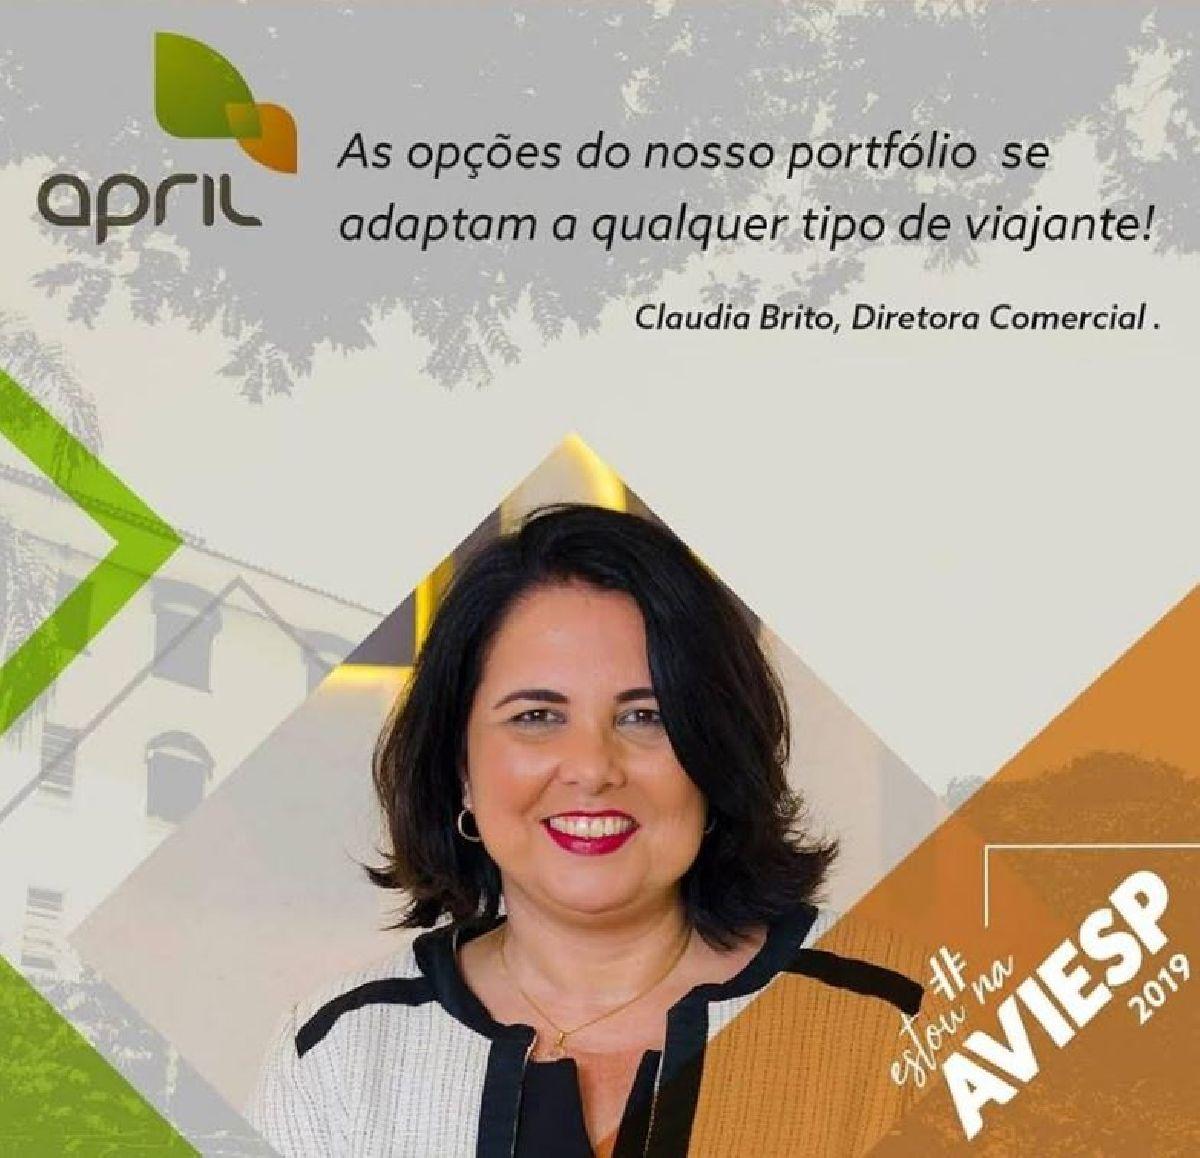 AVIESP 2019: APRIL BRASIL SEGURO VIAGEM QUER CRESCER 15% ESTE ANO